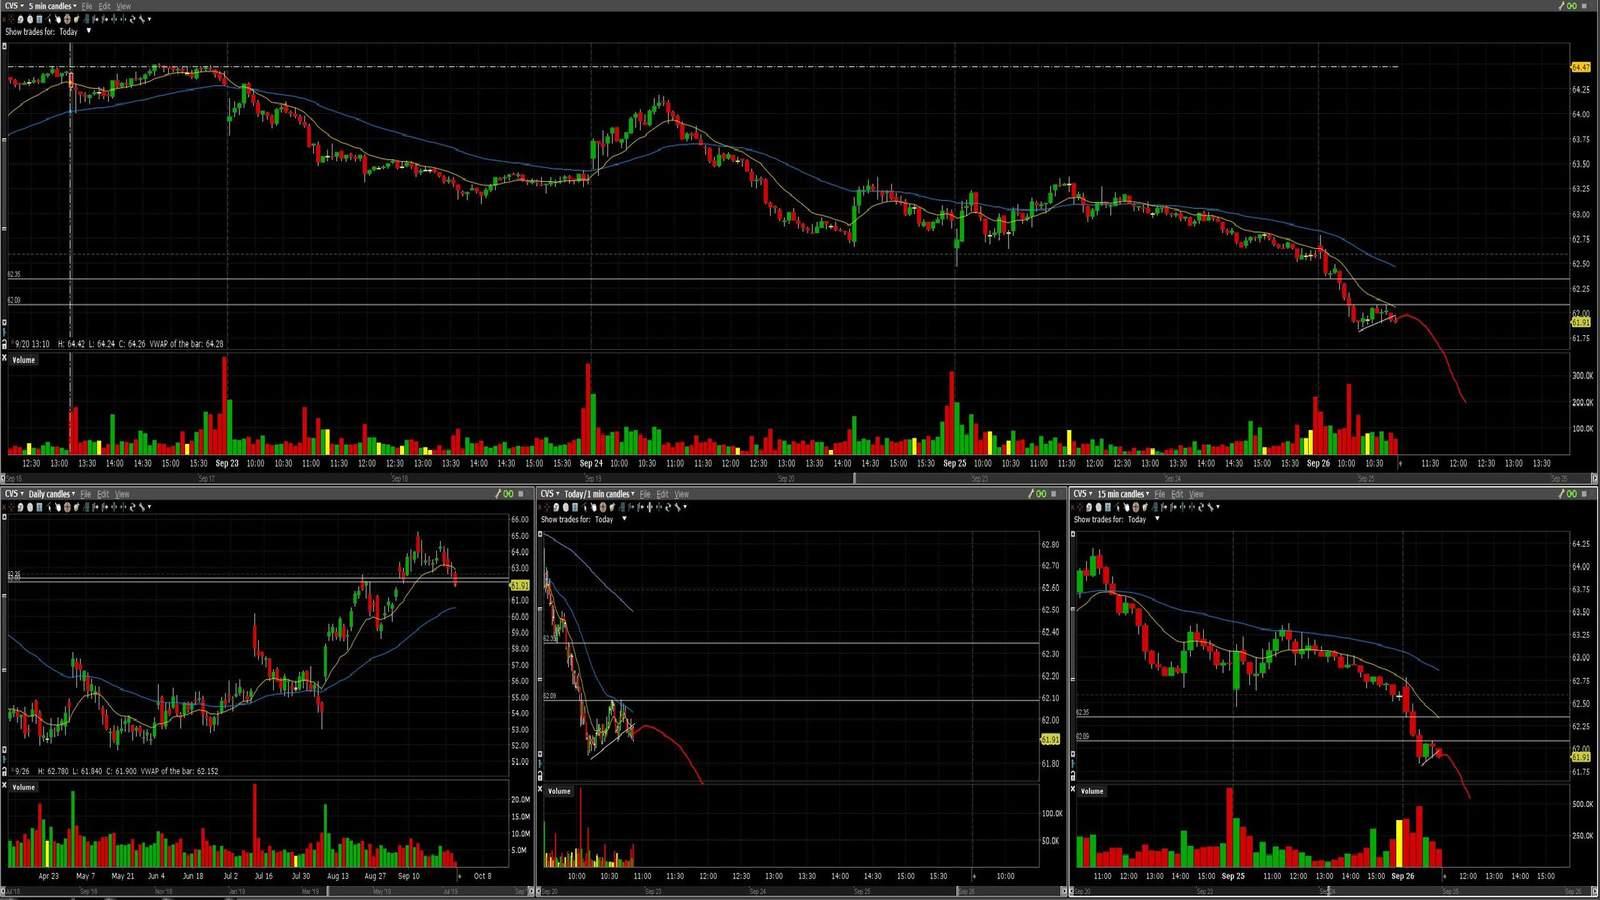 CVS акция на фондовой бирже